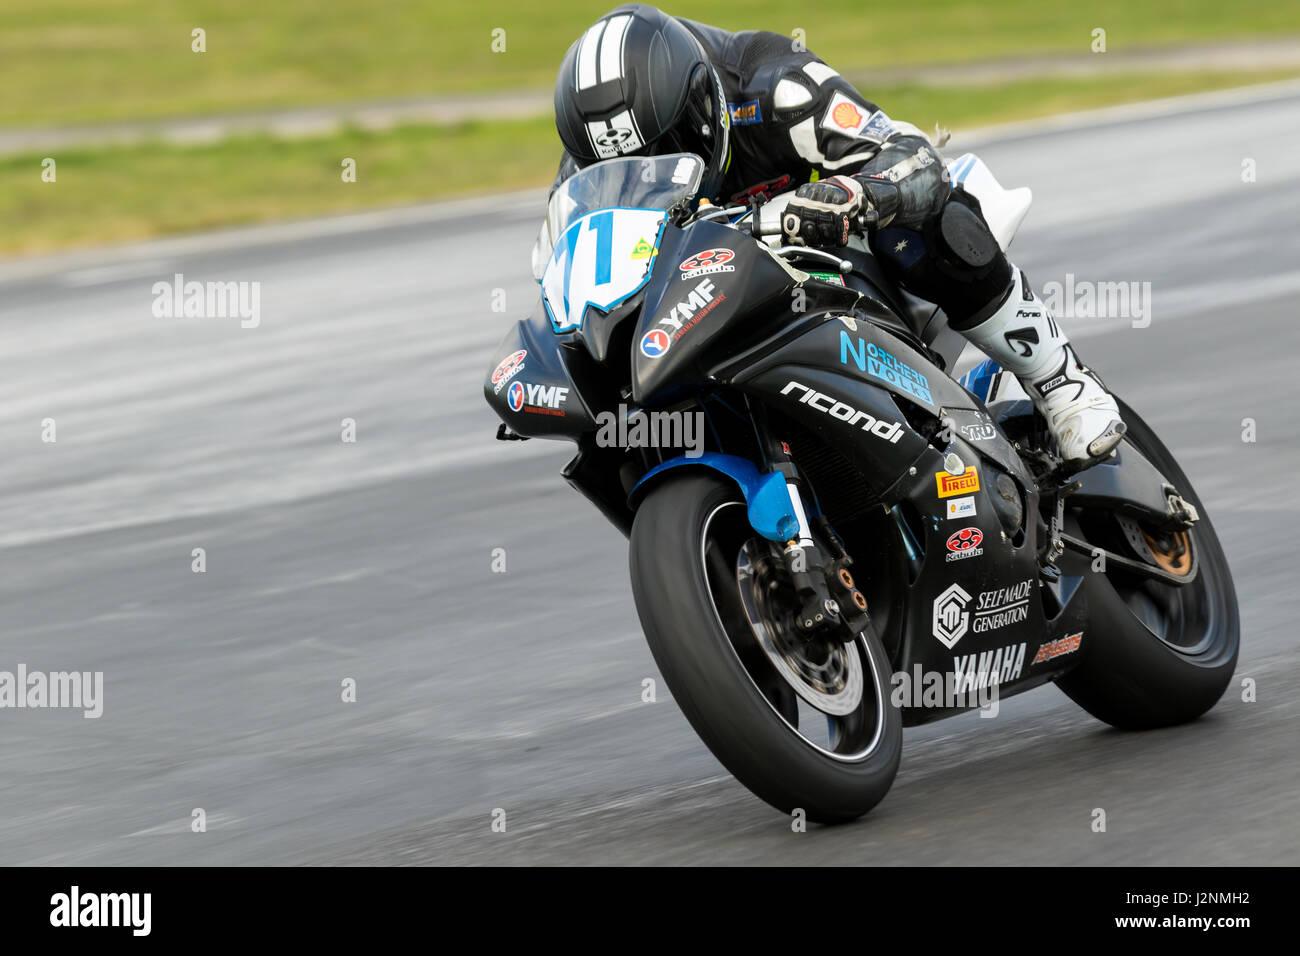 R6 Yamaha Bike Stock Photos Images Alamy Lincoln Pit Melbourne Australia 30th Apr 2017 April 30